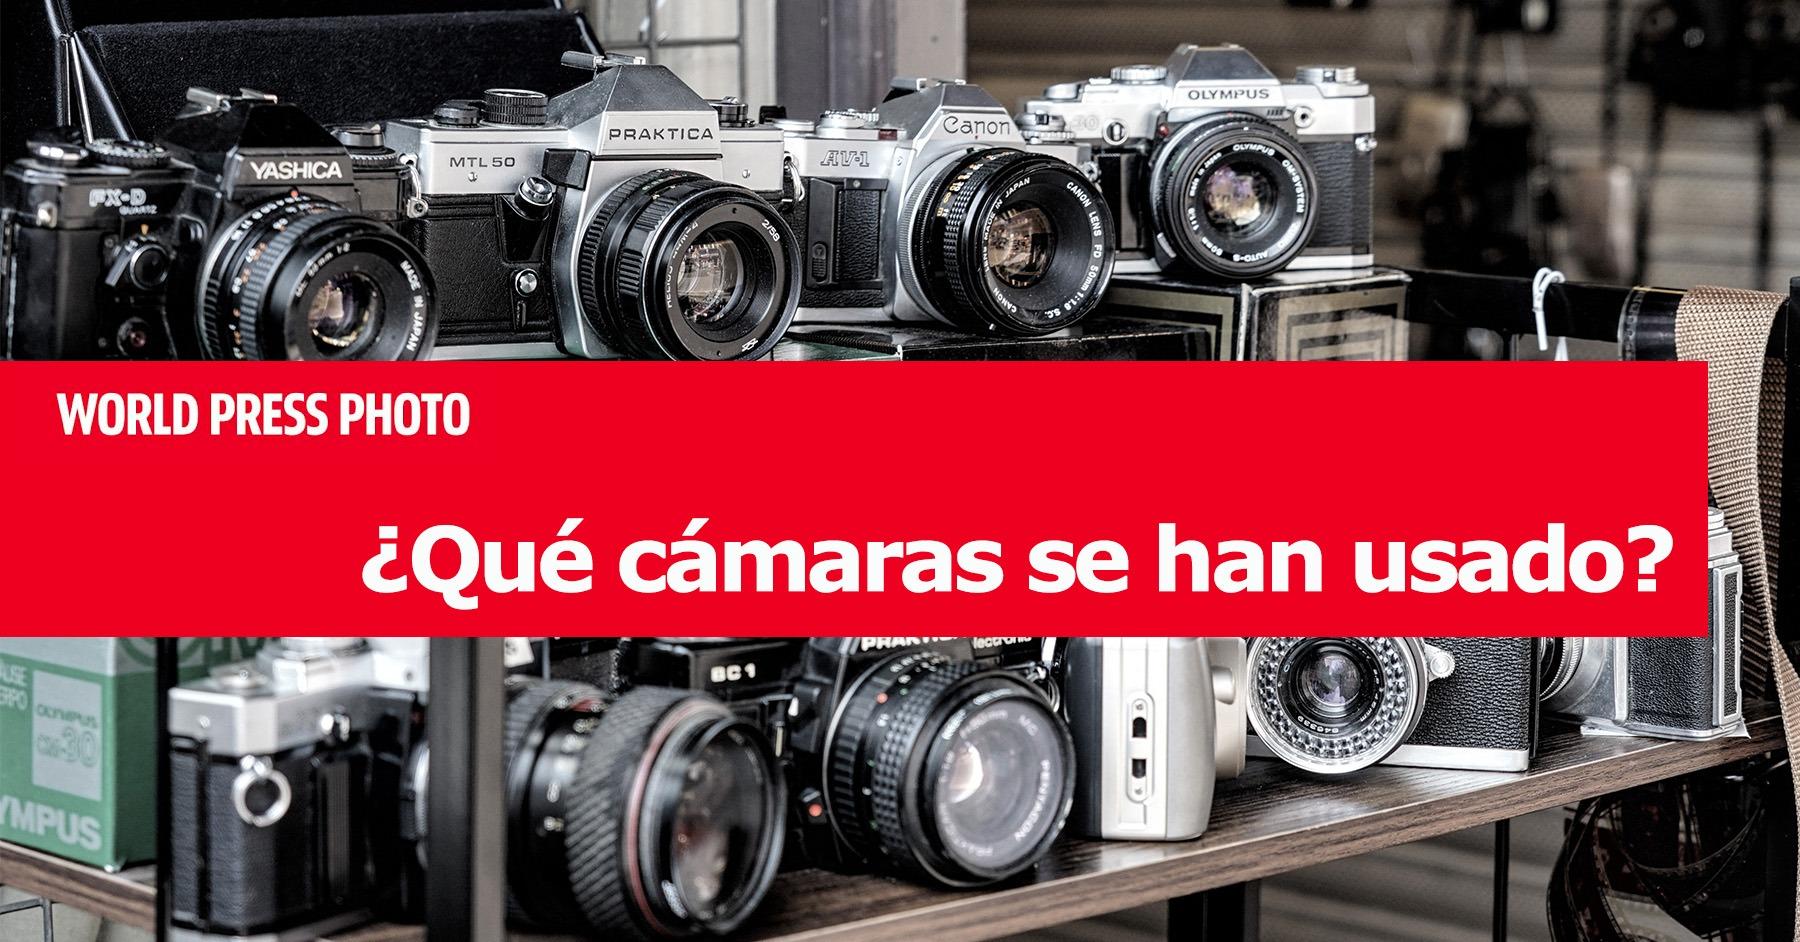 ¿Qué cámaras se han usado en los World Press Photo 2020?